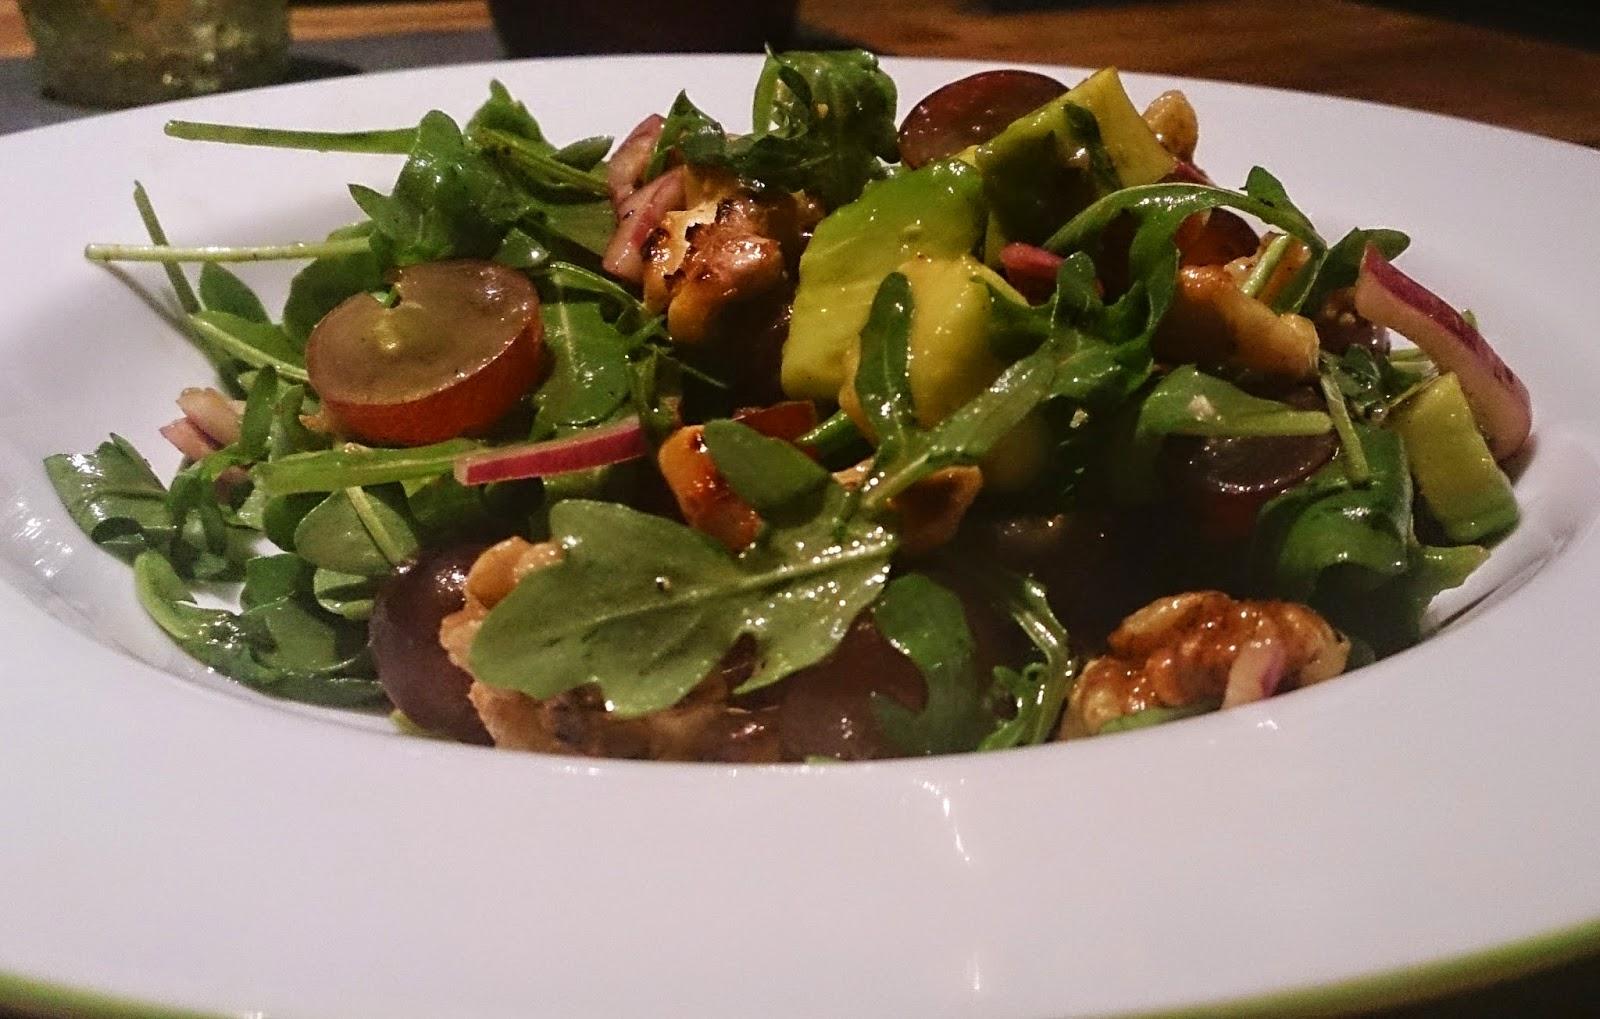 girlietrash schnelles feierabendrezept rucola salat mit avocado und waln ssen. Black Bedroom Furniture Sets. Home Design Ideas